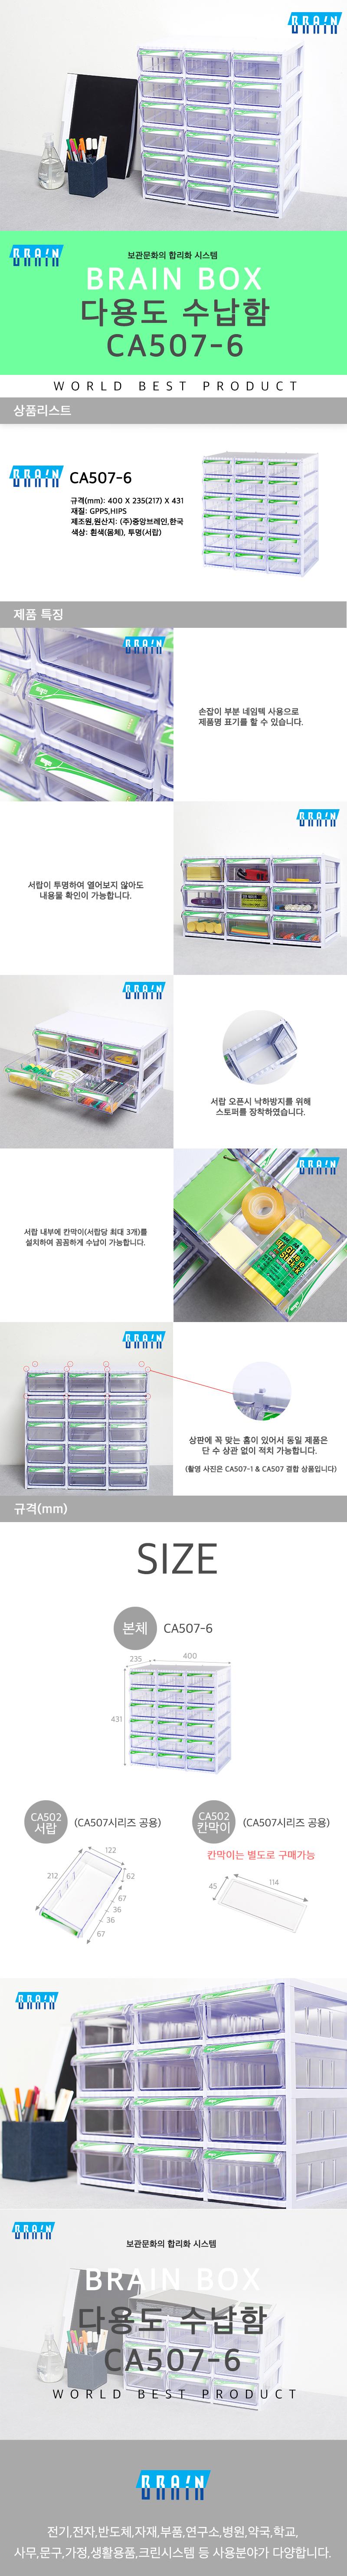 플라스틱 보관함 CA507-6 - 중앙브레인, 28,600원, 서랍장, 플라스틱 서랍장